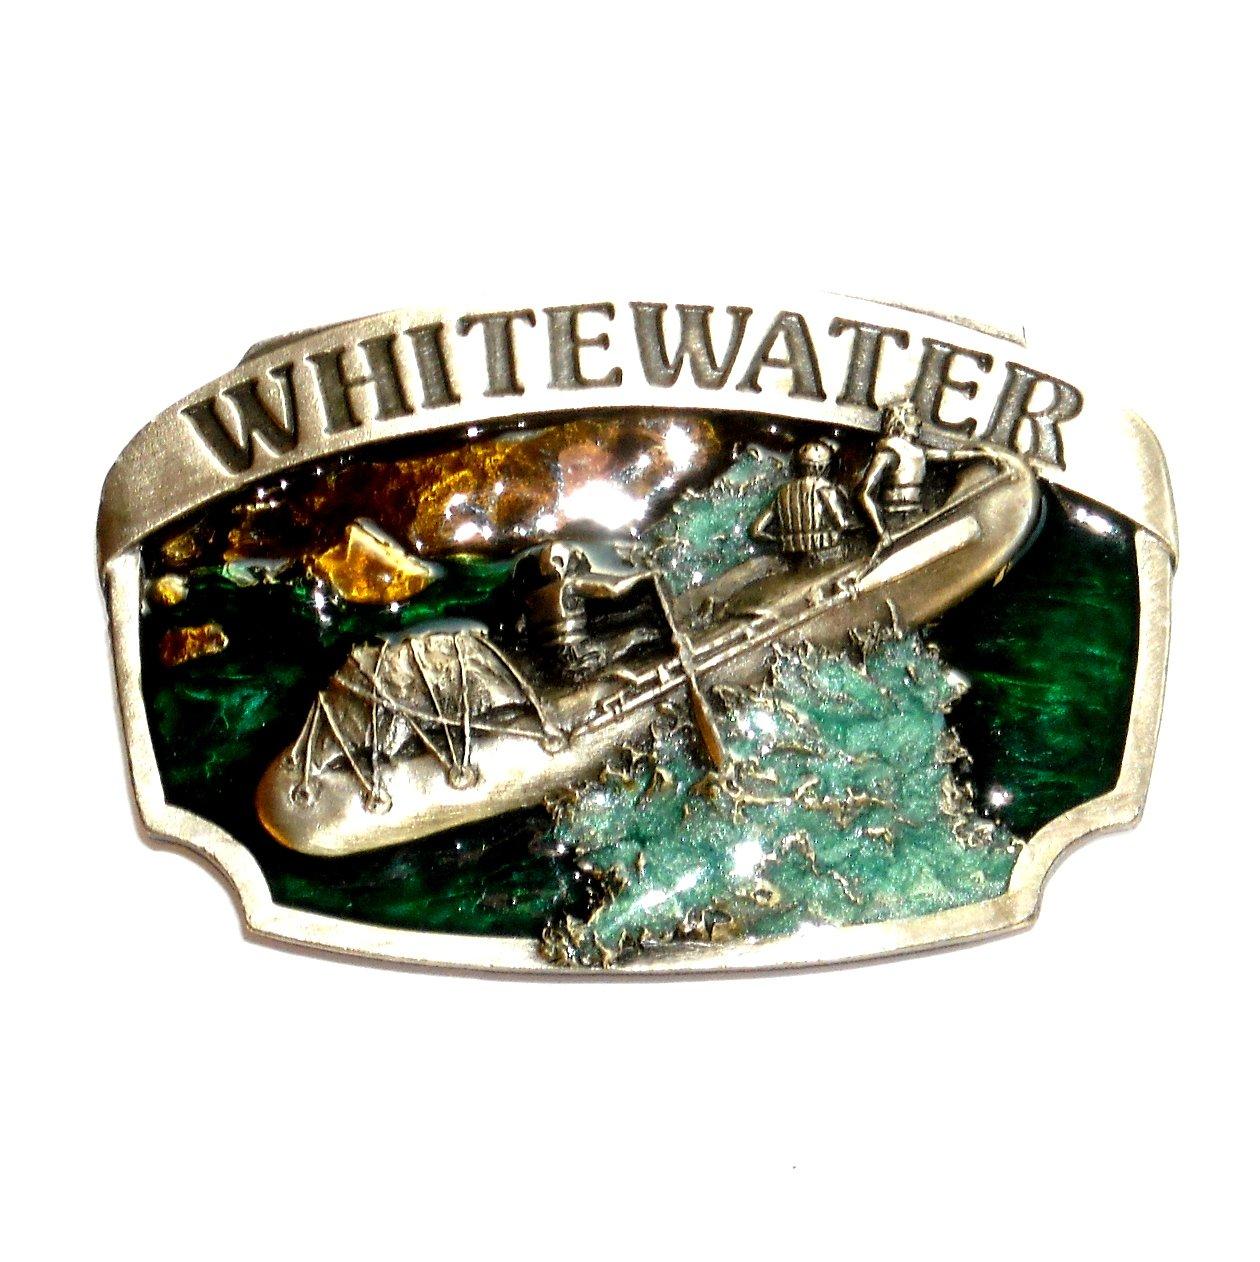 White Water Rafting Color Vintage Siskiyou Pewter Belt Buckle